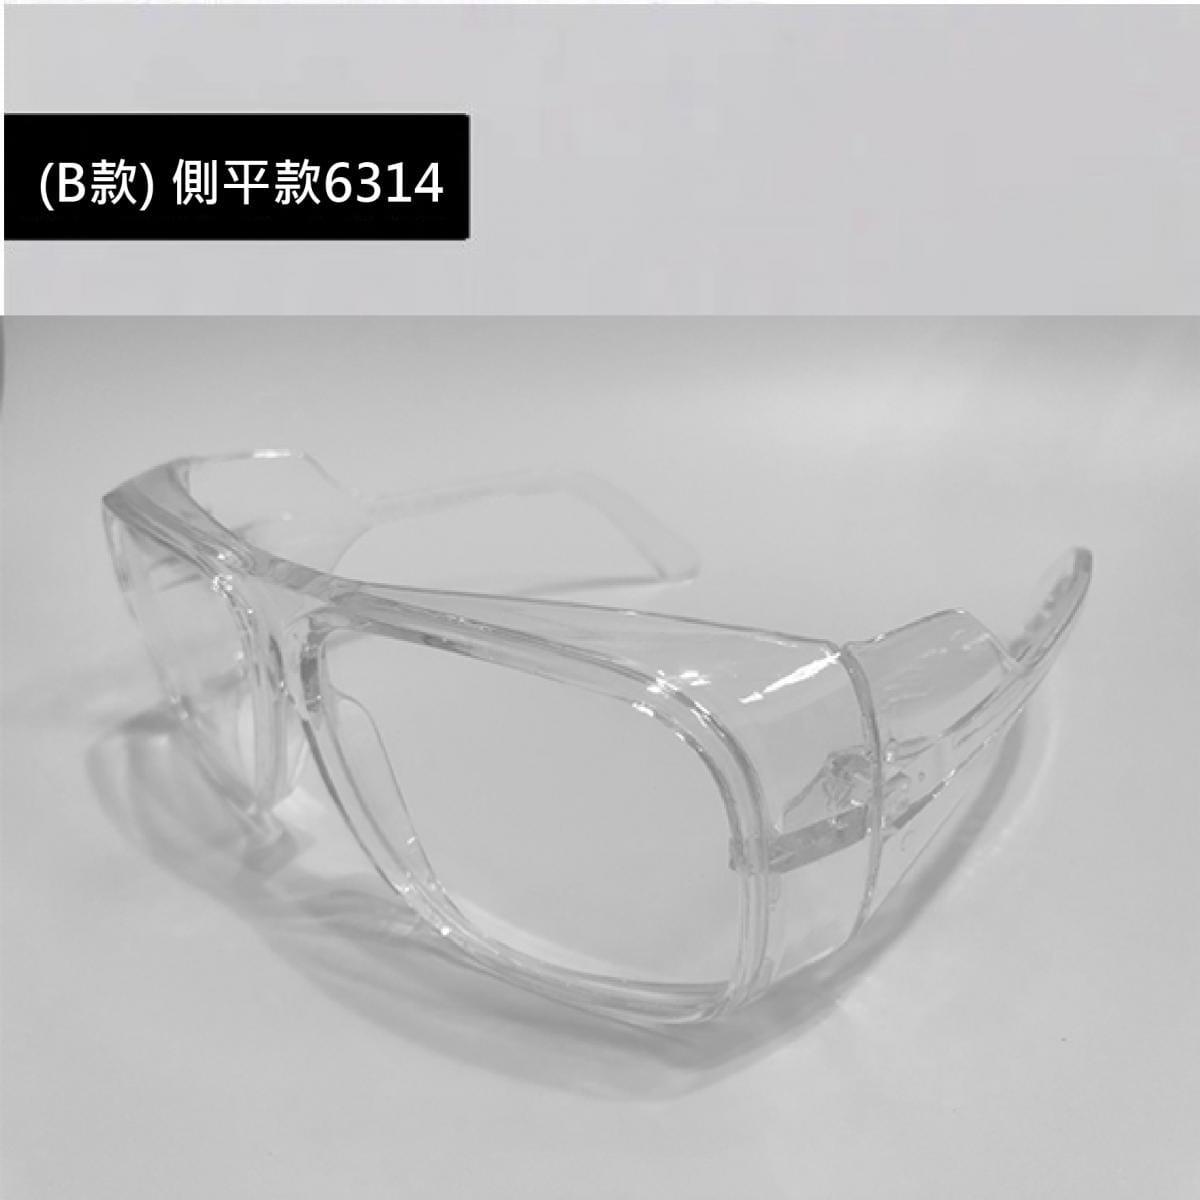 【英才星】台灣製防霧透明運動護目眼鏡 加贈眼鏡袋+眼鏡布 13